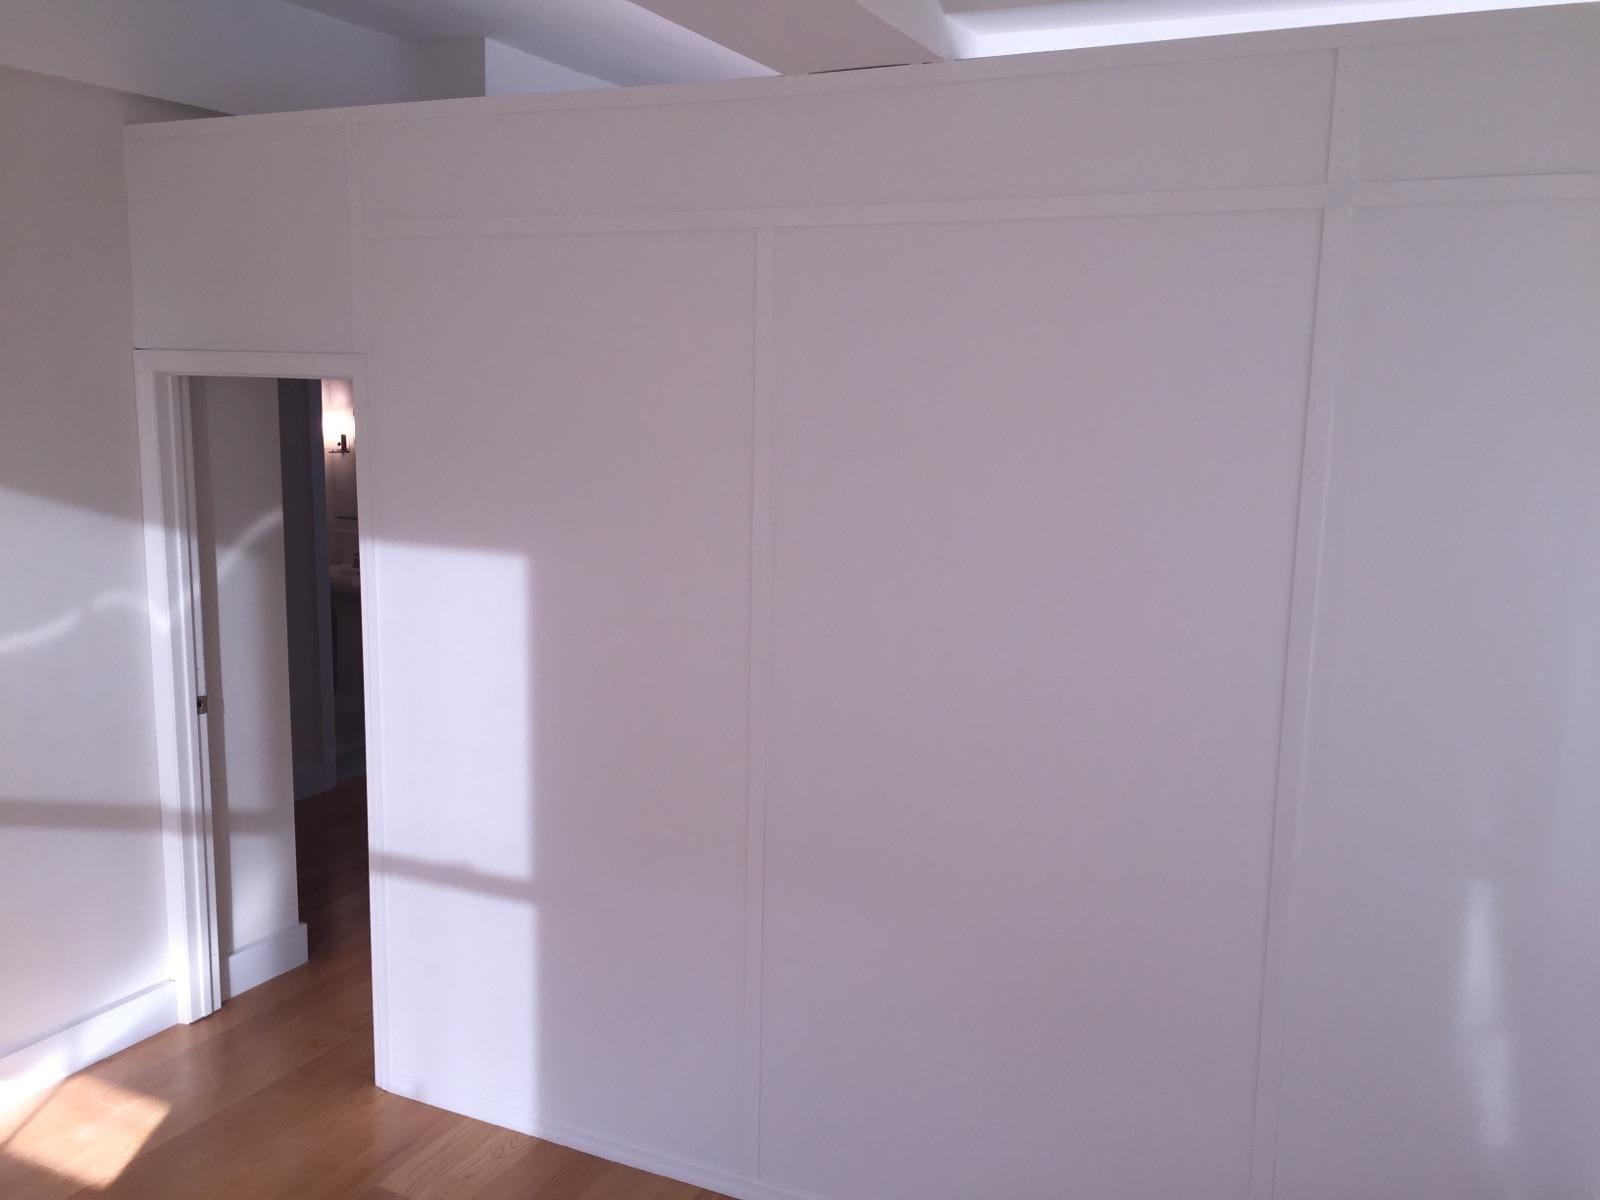 Wall 2 Wall NY image 22